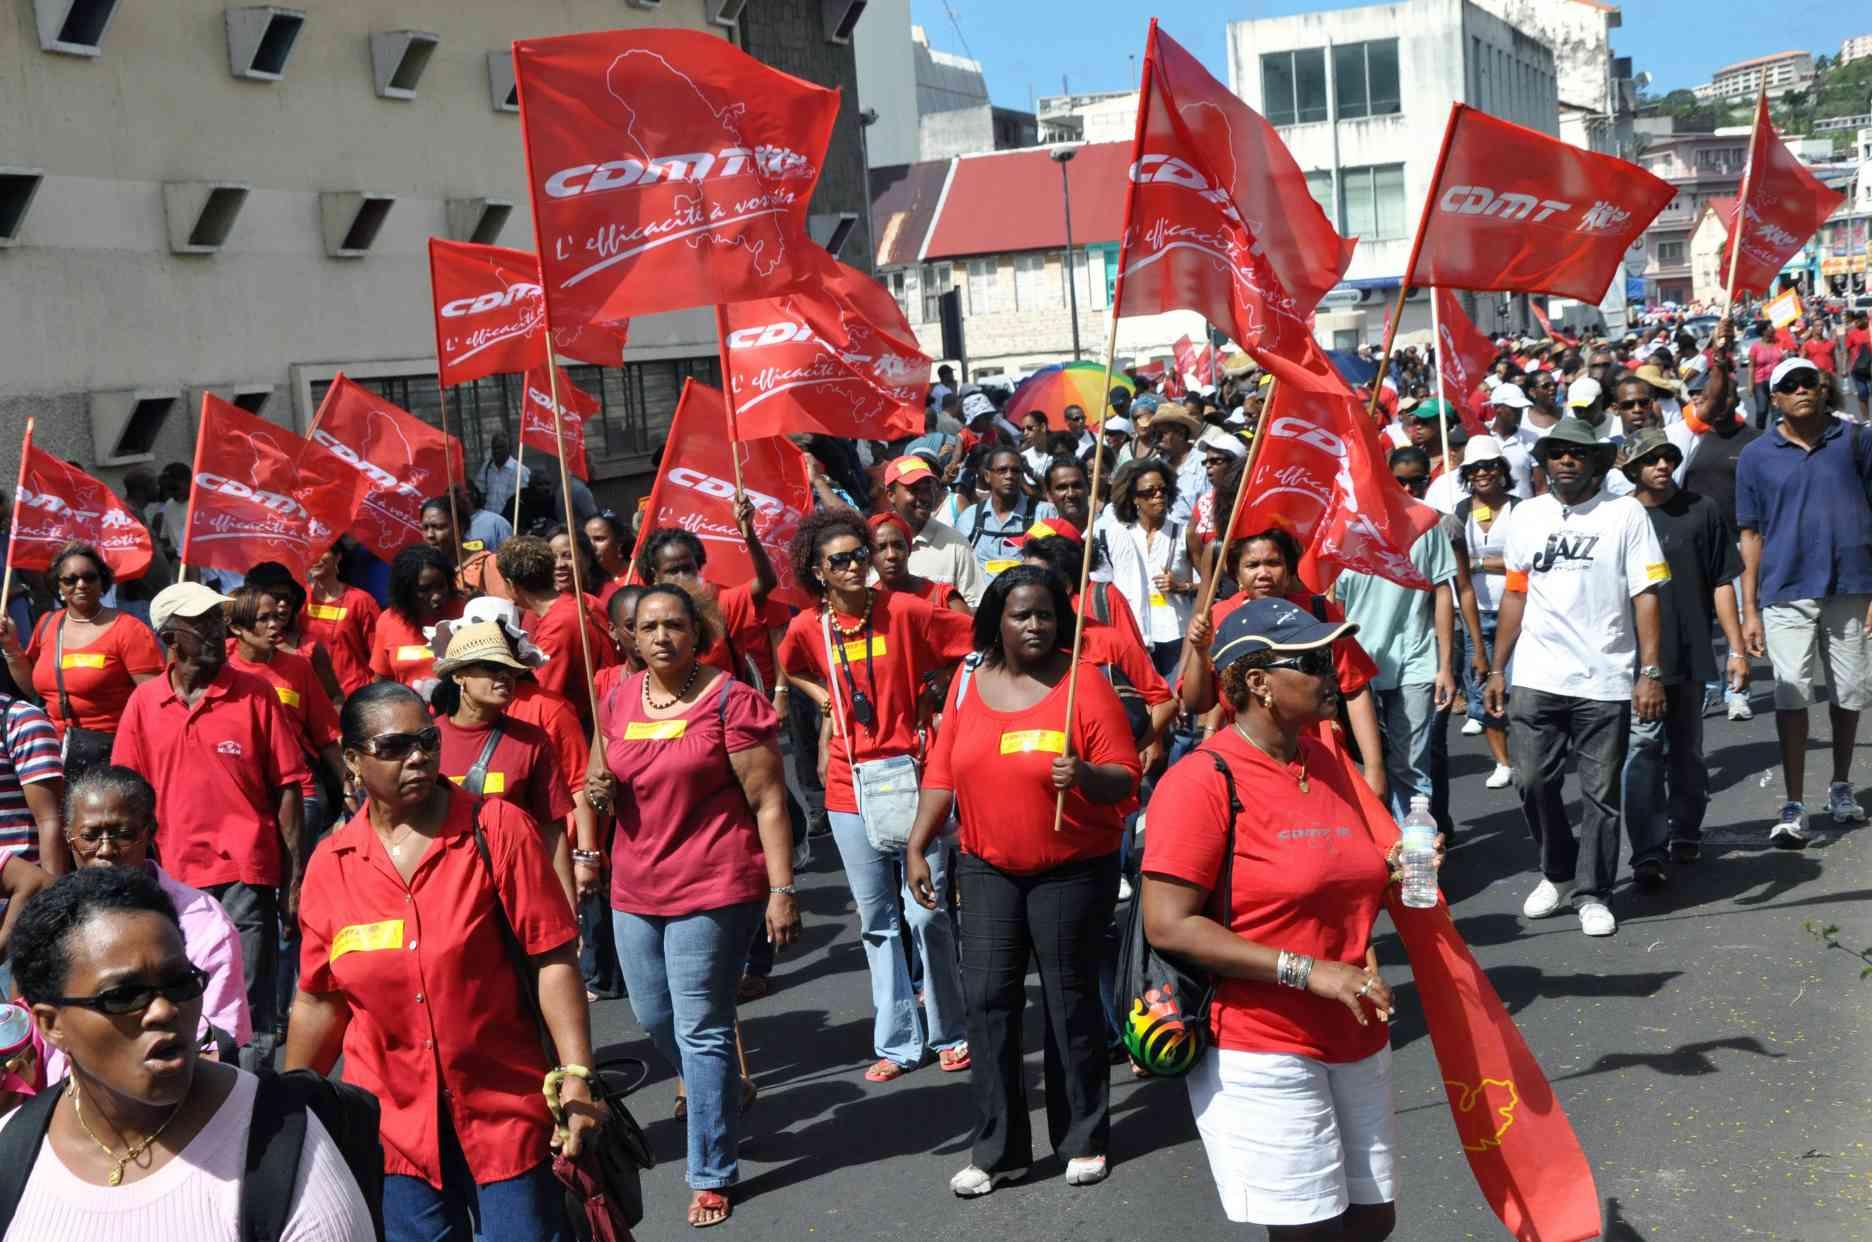 Comme un effet domino, le mouvement social en Guadeloupe atteint la Martinique, également paralysée